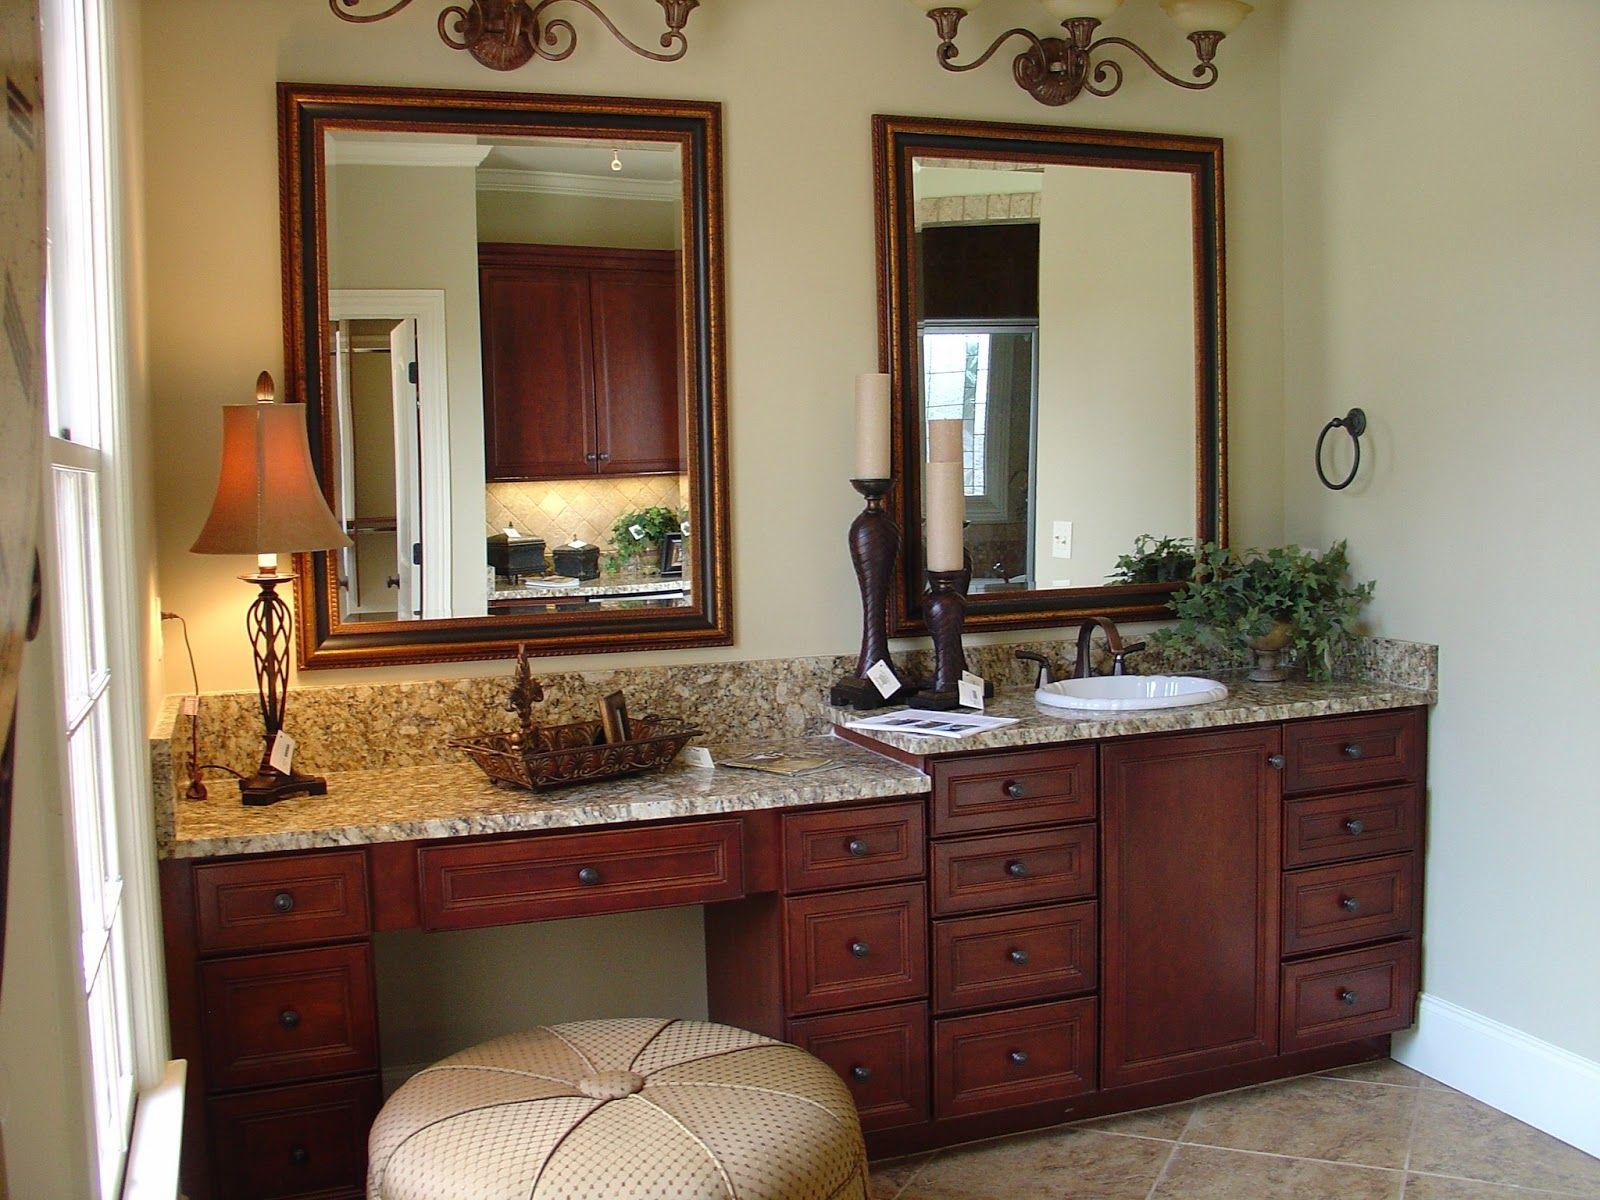 Bathroom Sit Down Vanity One Sink Vanity Within The Master Bathroom I Always Like To Master Bathroom Vanity Bathroom Sink Vanity Bathroom With Makeup Vanity